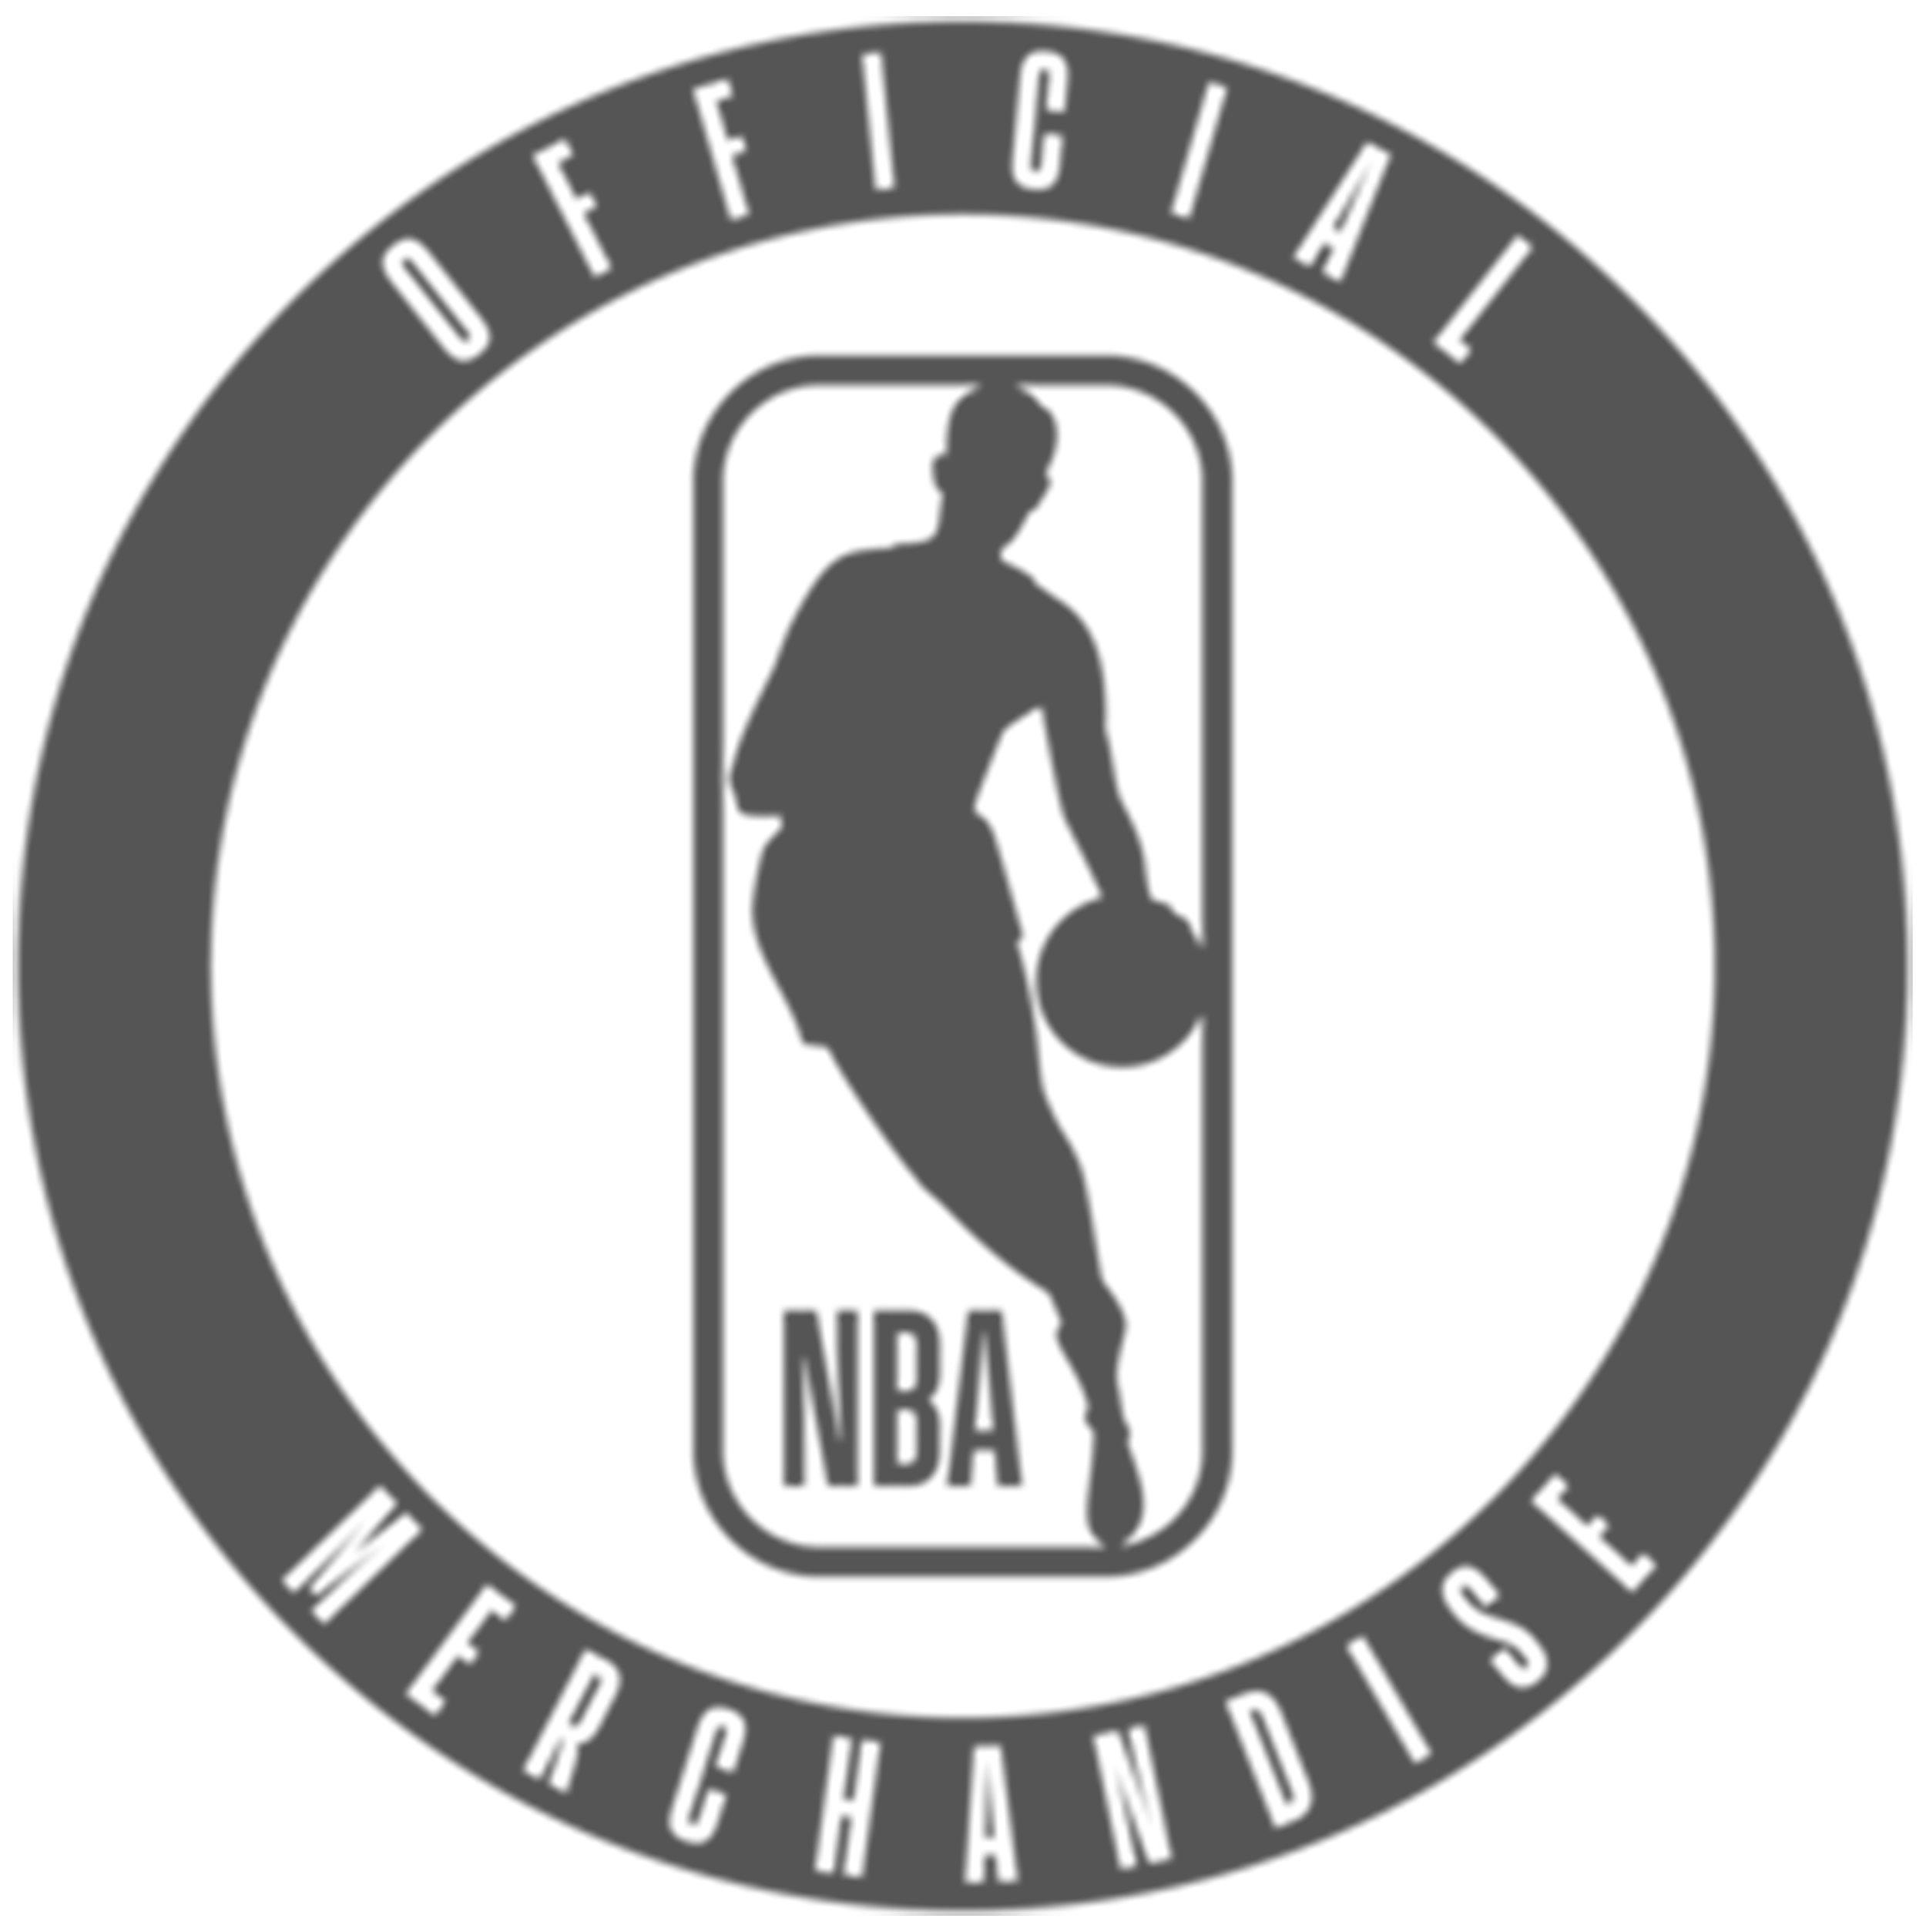 NBA_Gray.jpg